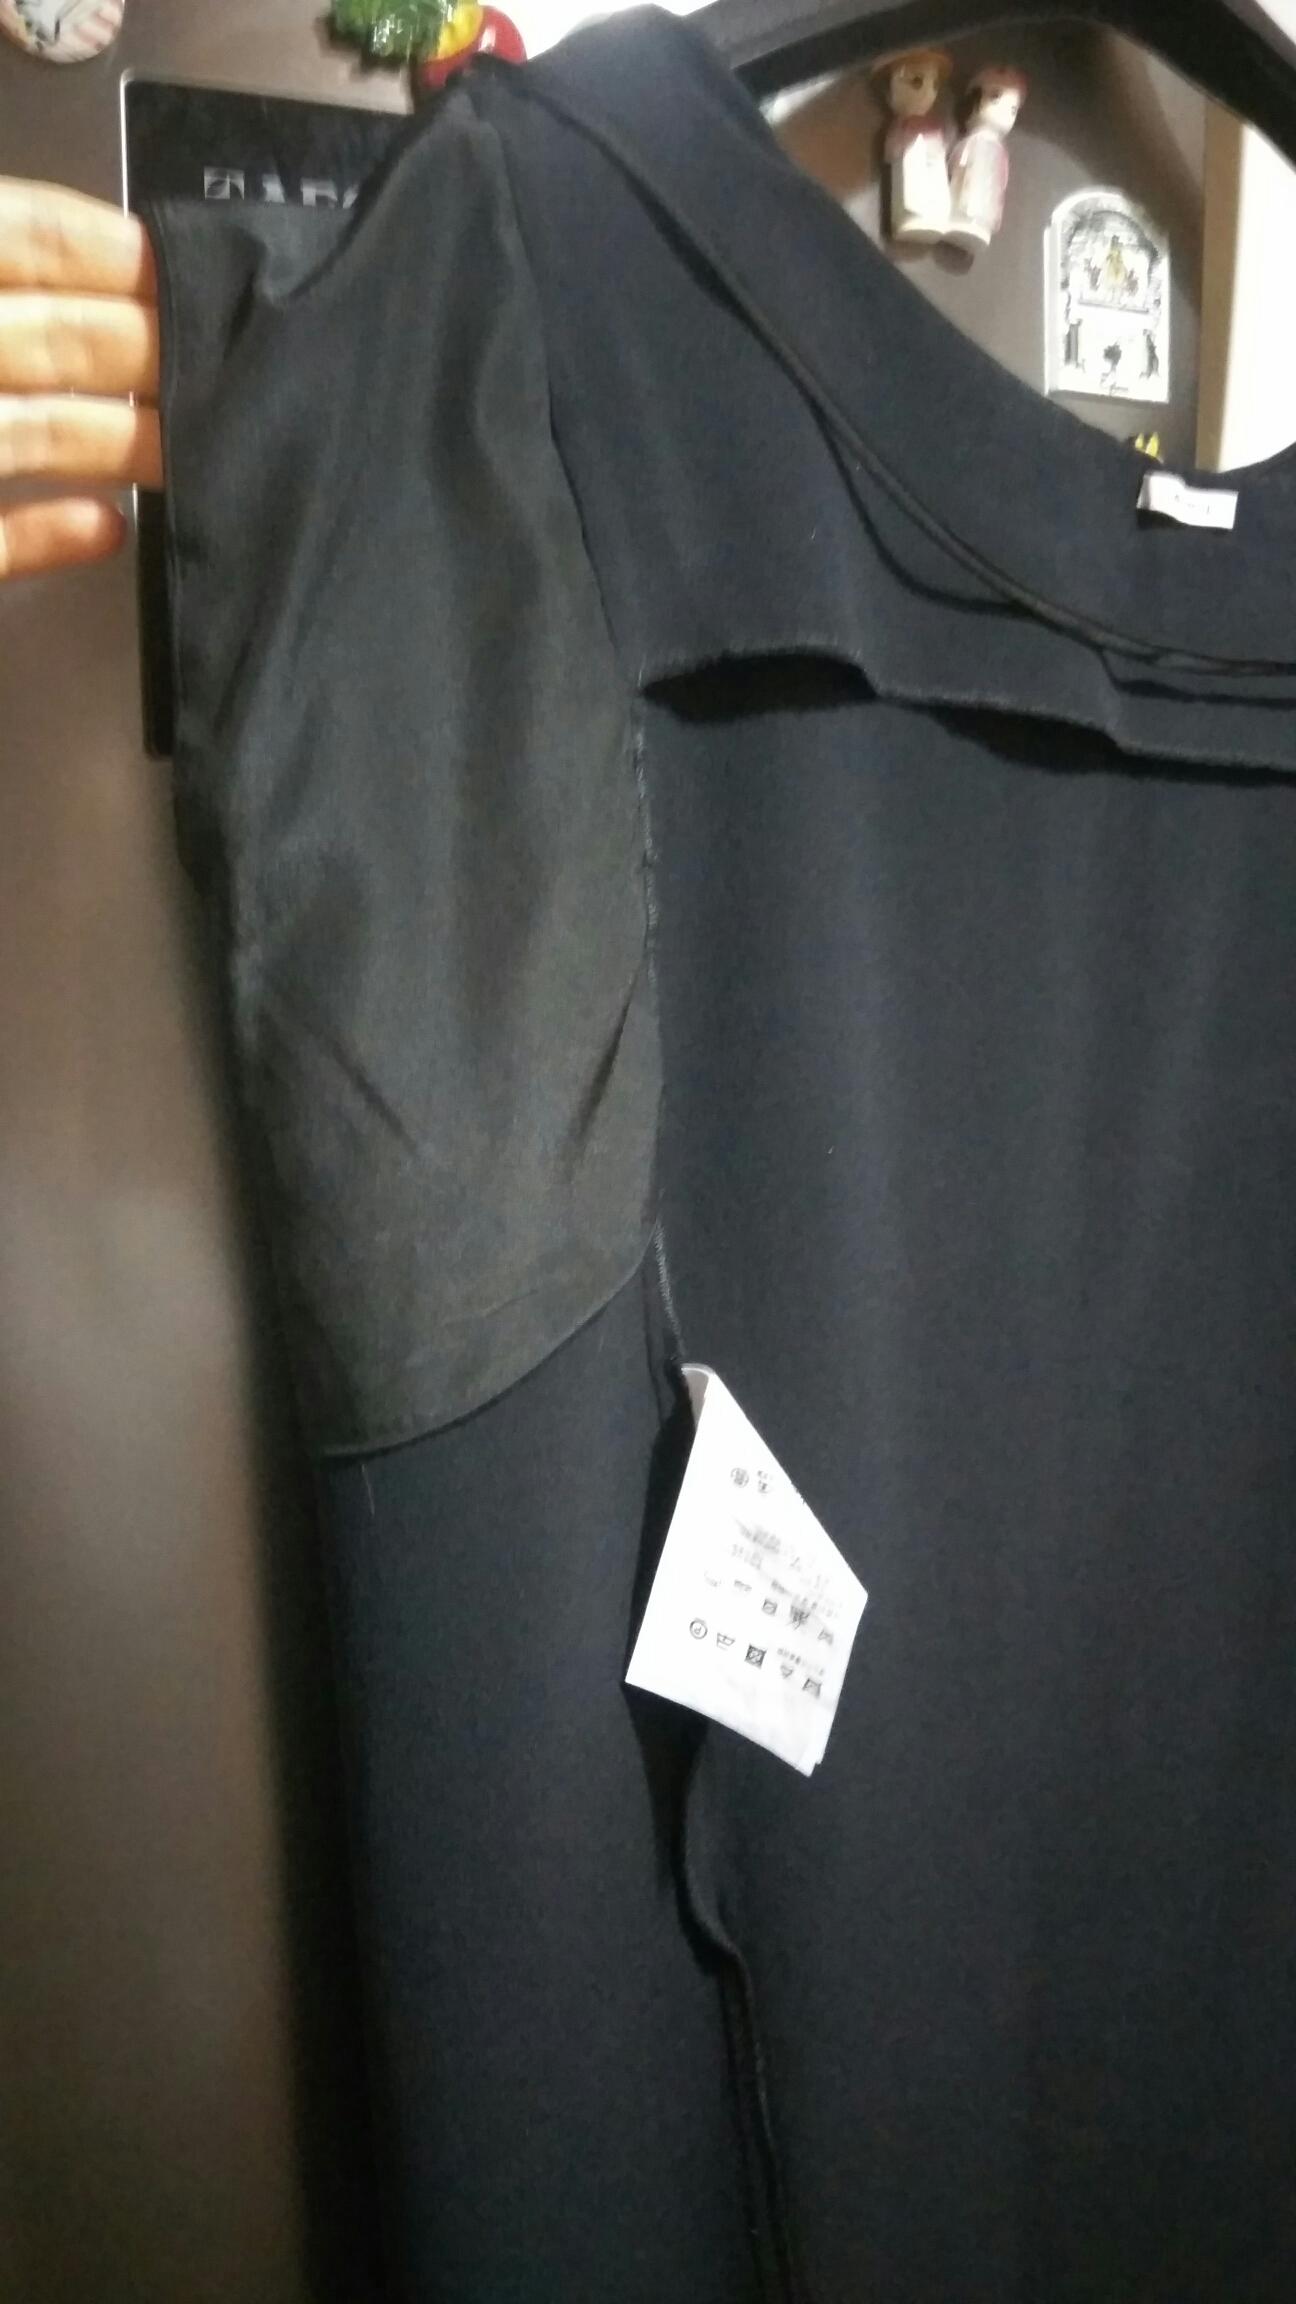 34b96f24df4 Купить платье Miu Miu за 5500 руб. в интернет магазине - бутике с ...